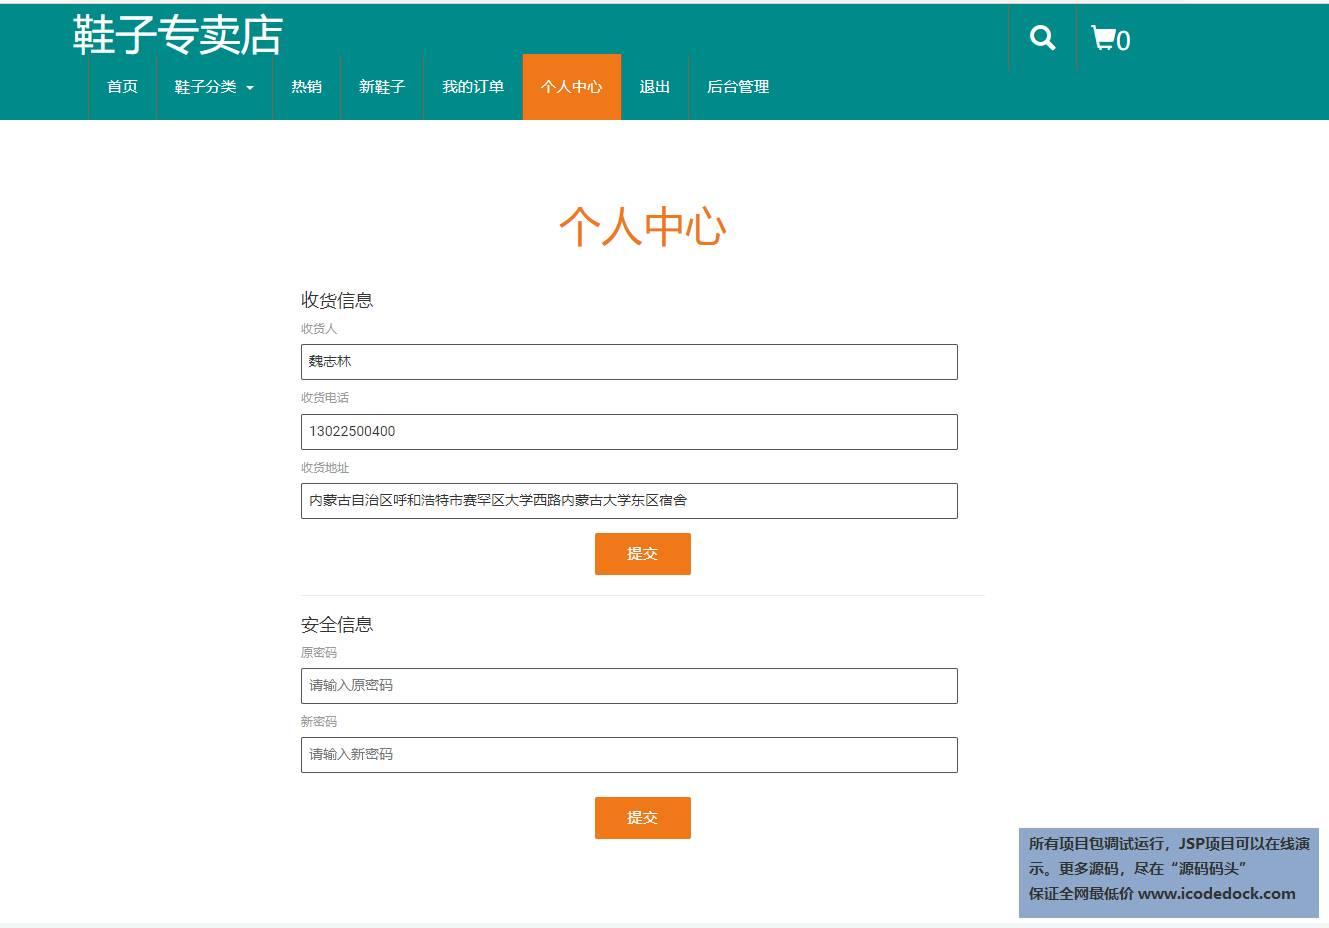 源码码头-JSP网上鞋子商城网站-管理员角色-修改管理员信息